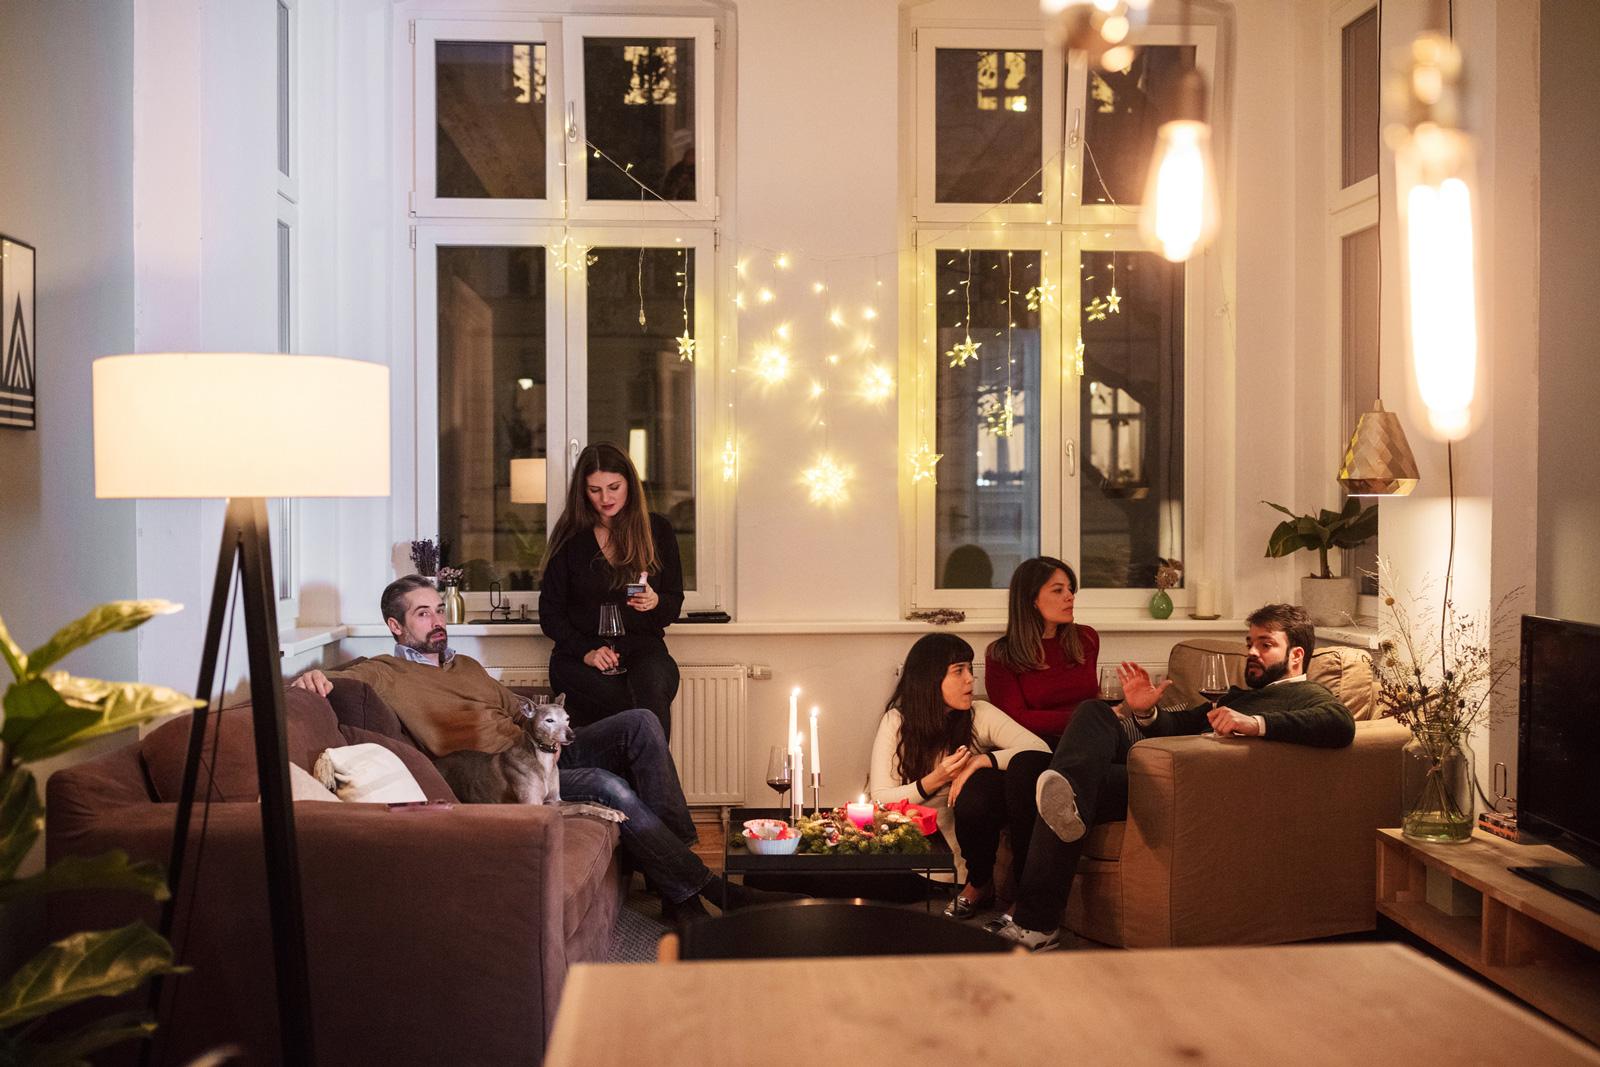 So fühlen sich auch deine Gäste wohl: Mit dem richtigen Lichtkonzept schaffst du die passende Atmosphäre für entspannte Abende.